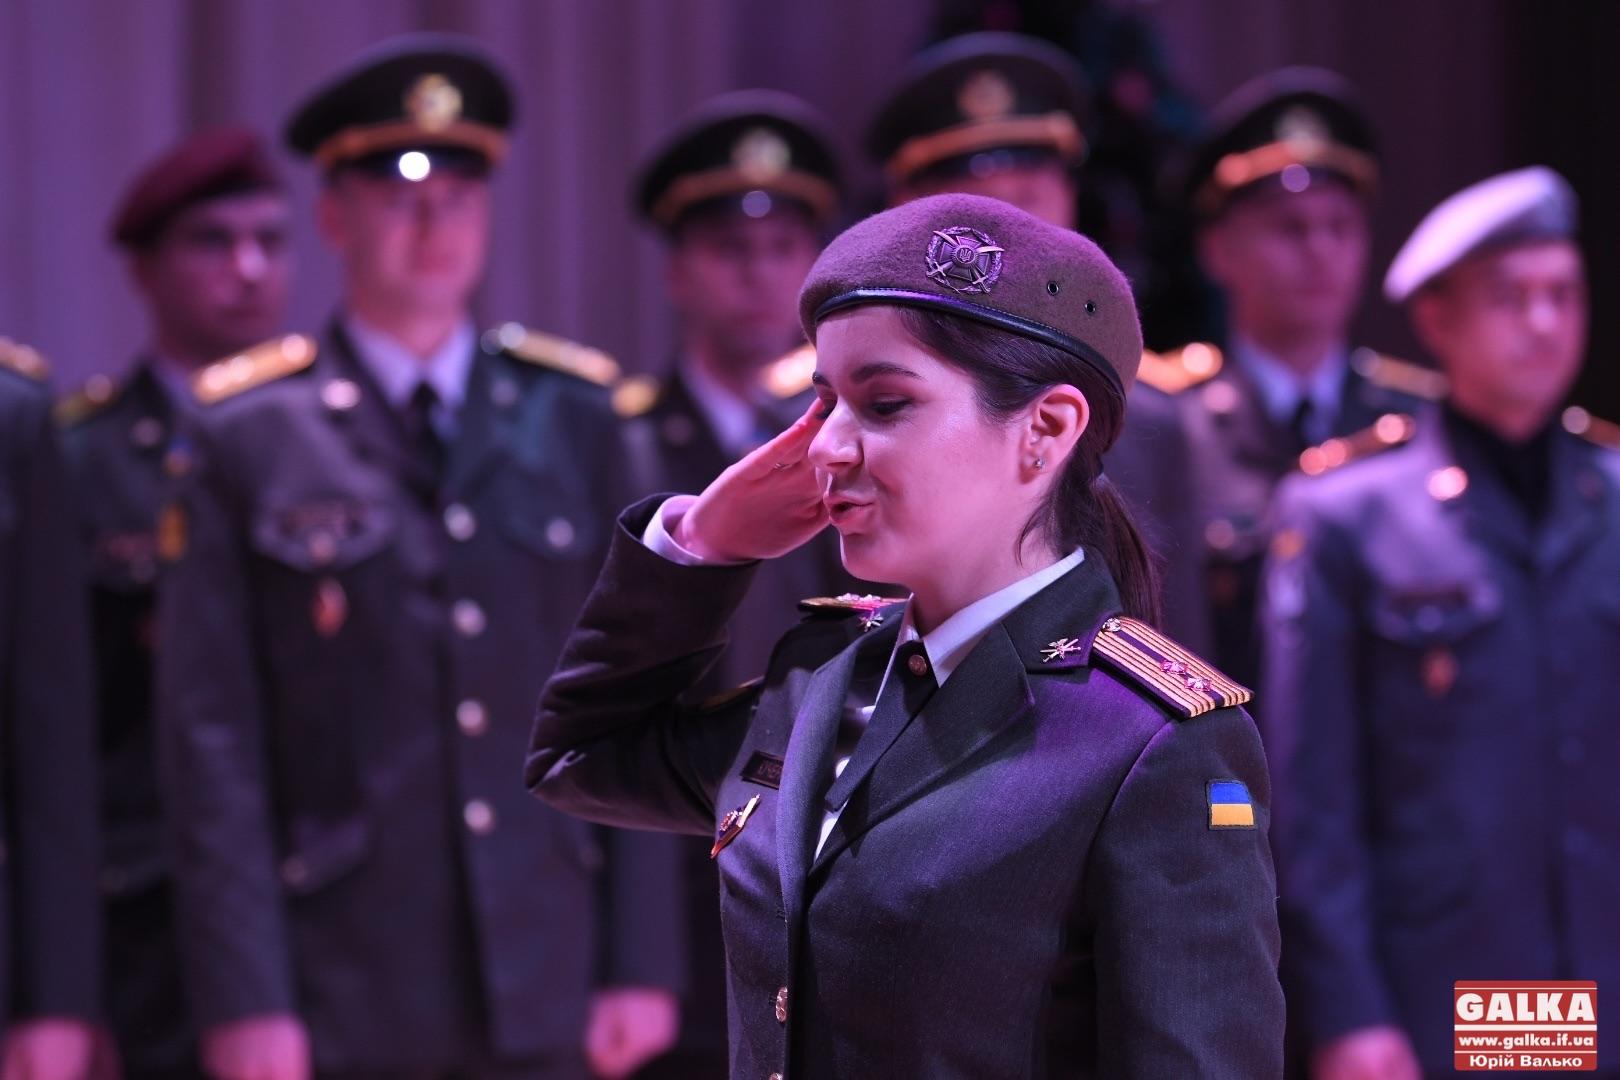 15 курсантів франківського вишу урочисто отримали звання лейтенантів. Вперше серед них – дівчина (ФОТО)